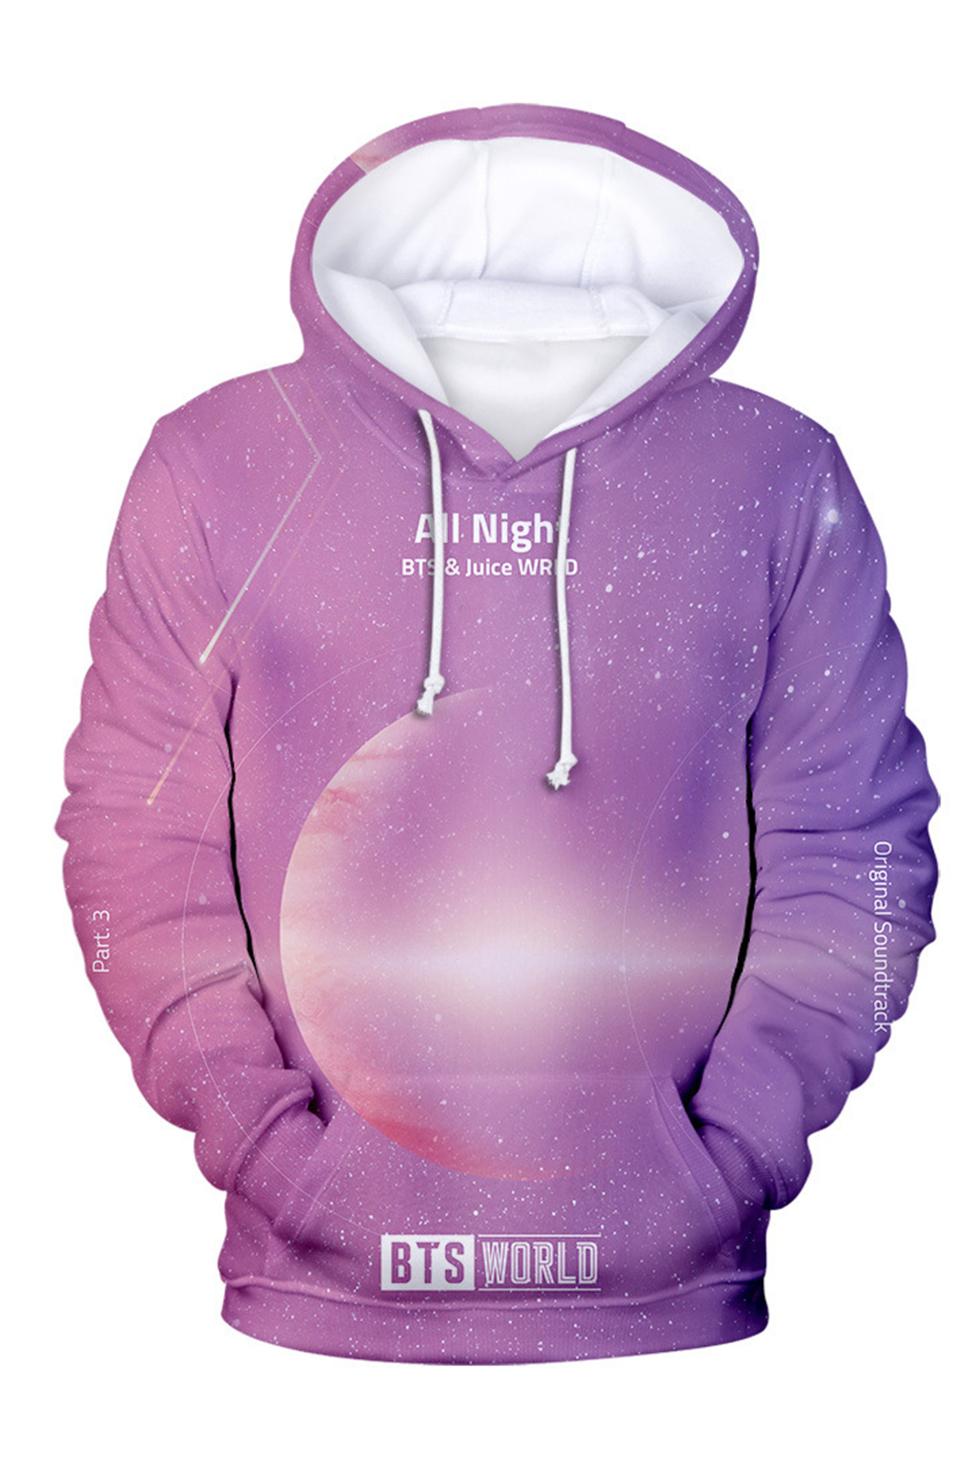 Kpop BTS Mode Imprim/é Hoodie Automne et Hiver Color/é Drole Graphique Sweatshirt Sweat-Shirt /à Capuche 3D